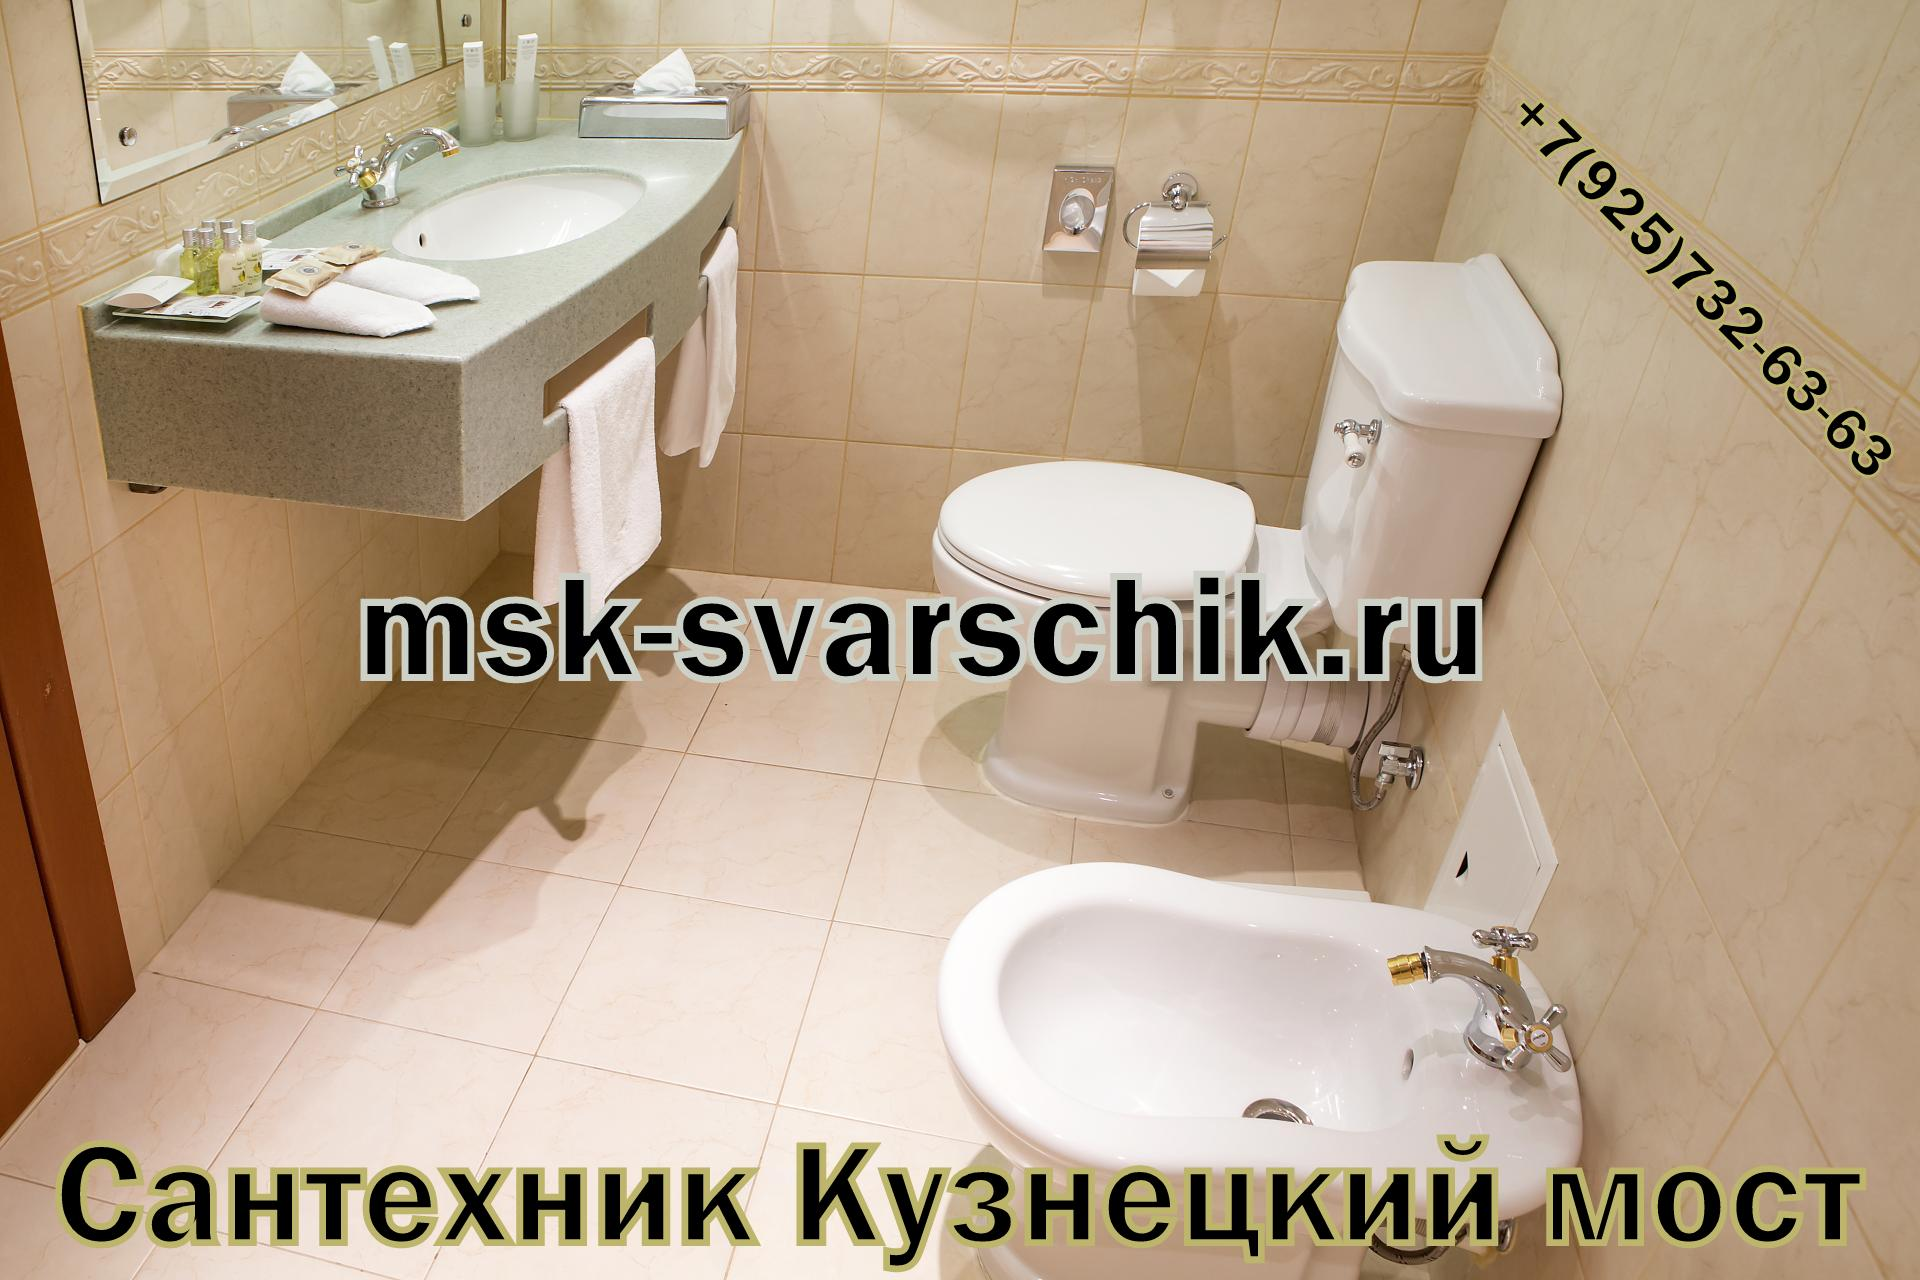 Сантехник Кузнецкий мост